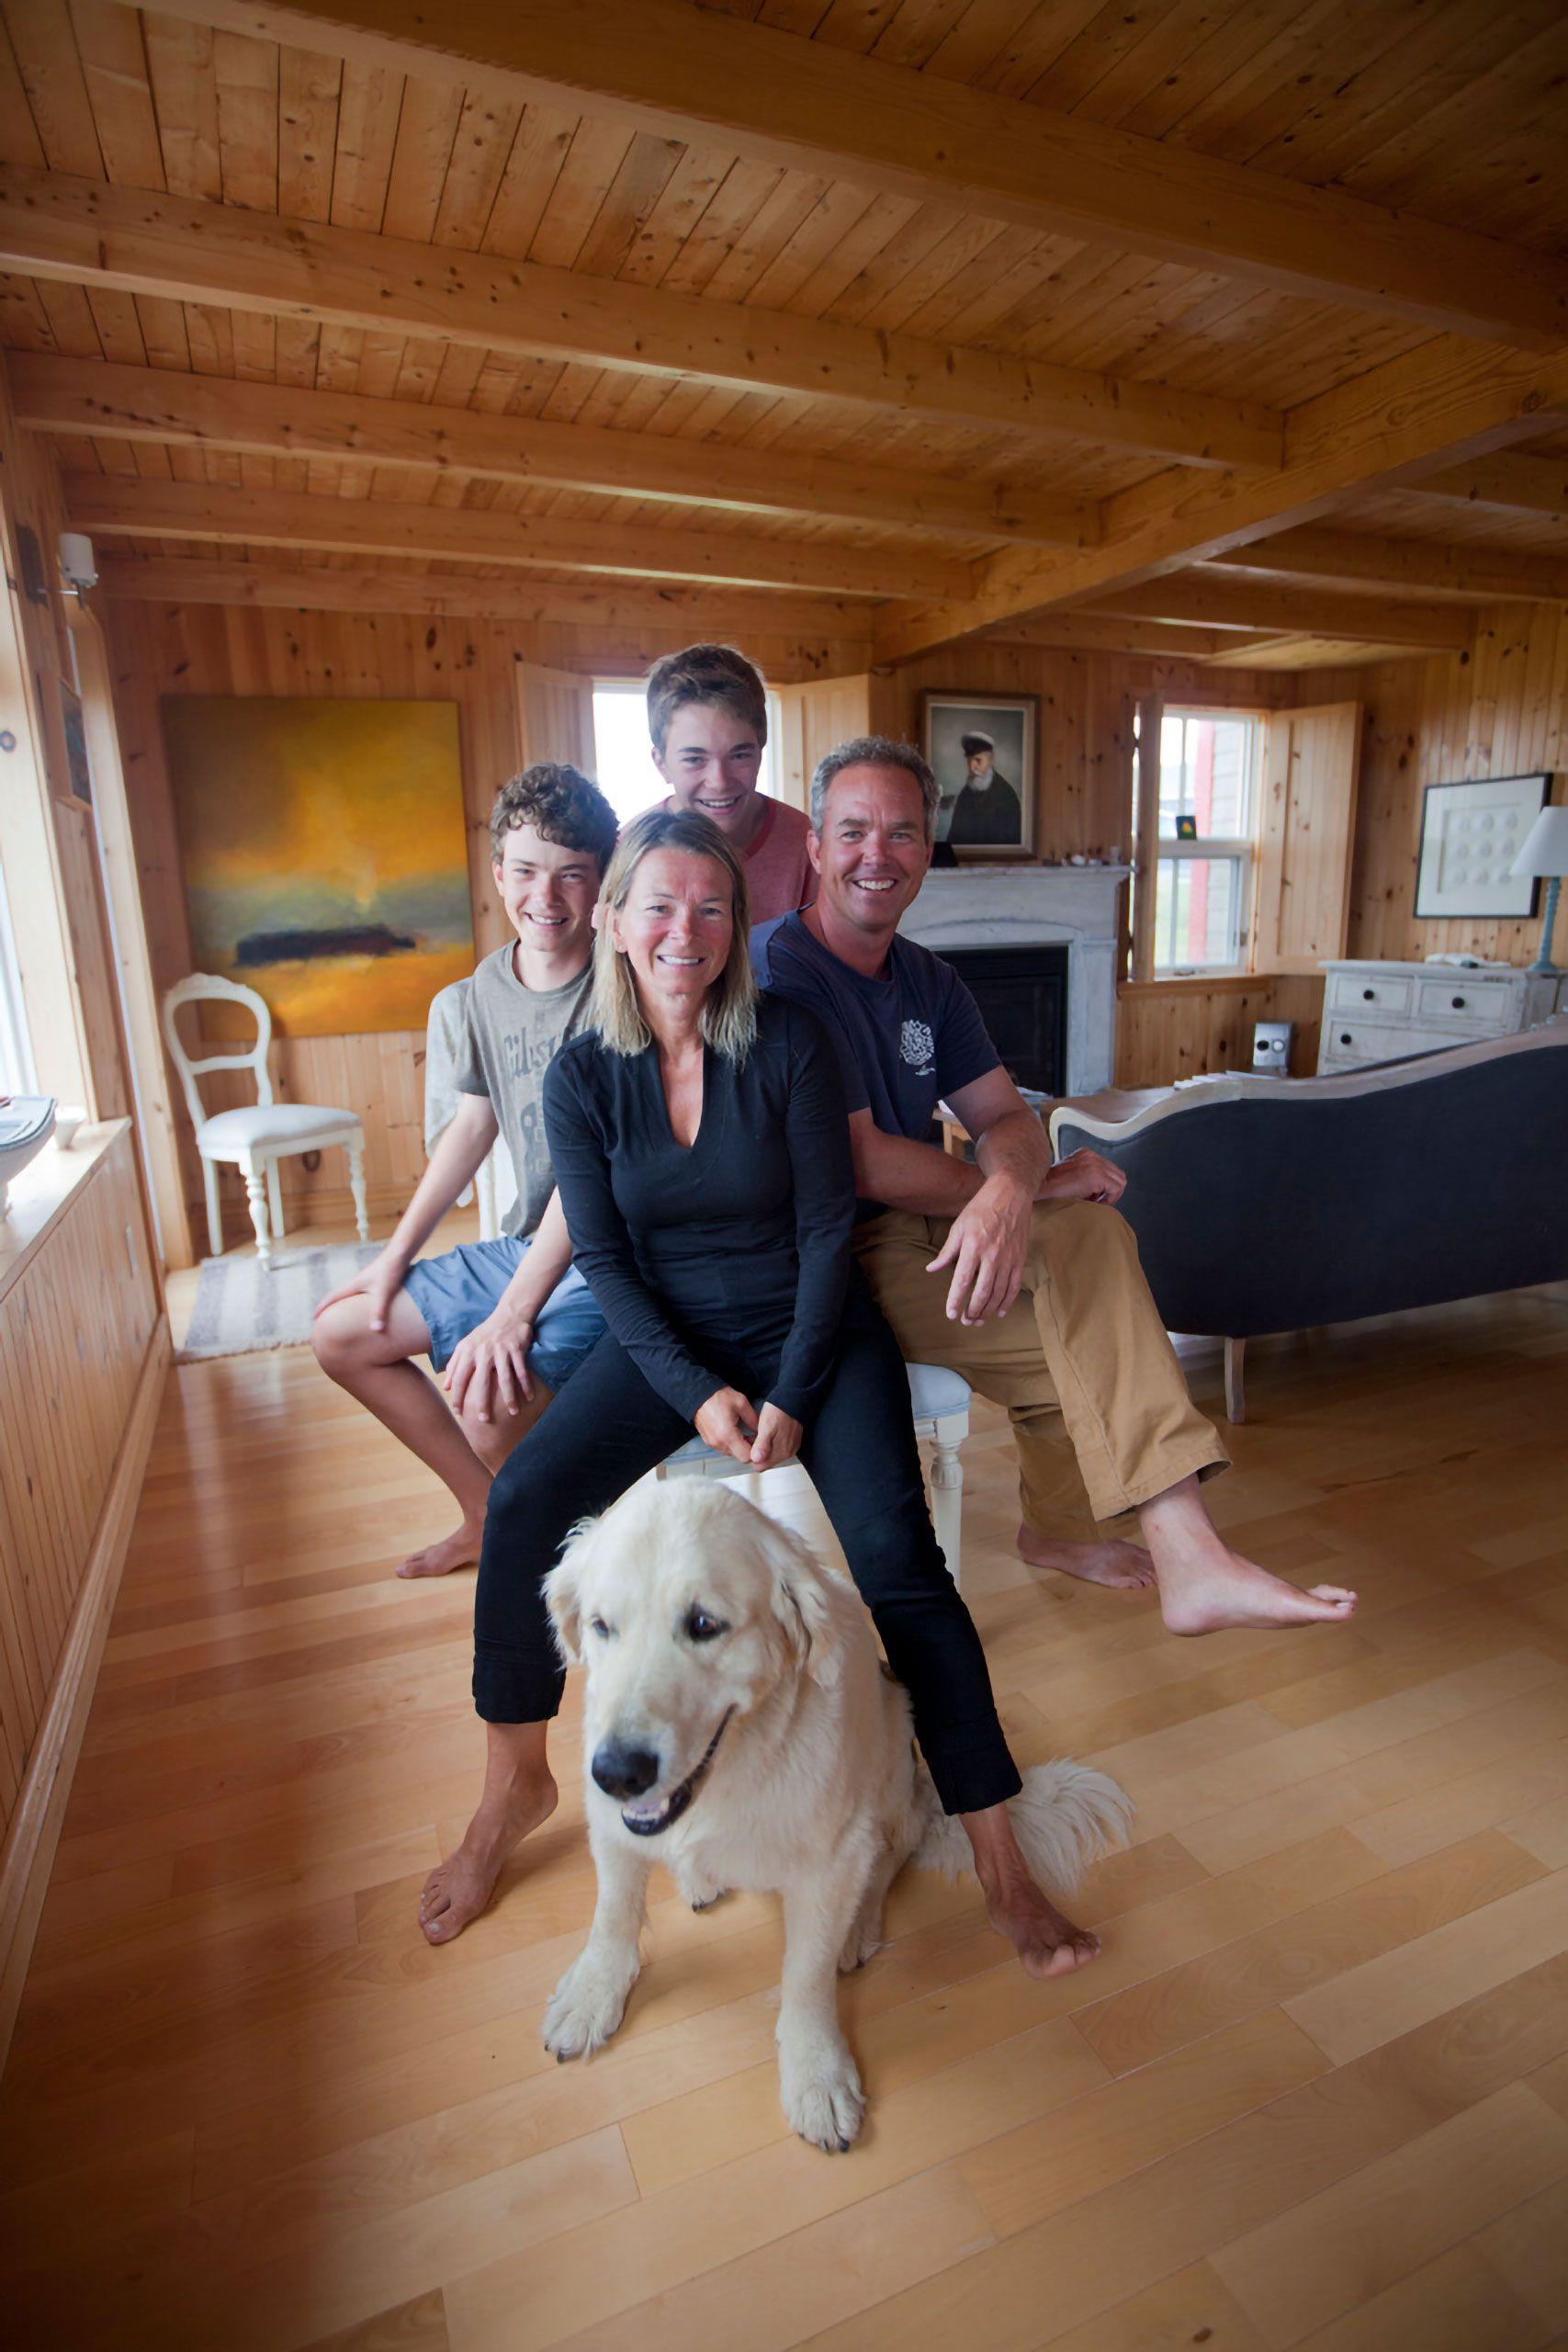 Family portrait and dog Magdalen Islands Îles de la Madeleine Harve Aubert Quebec Canada Bonnie Major Claude Prevost mark eric